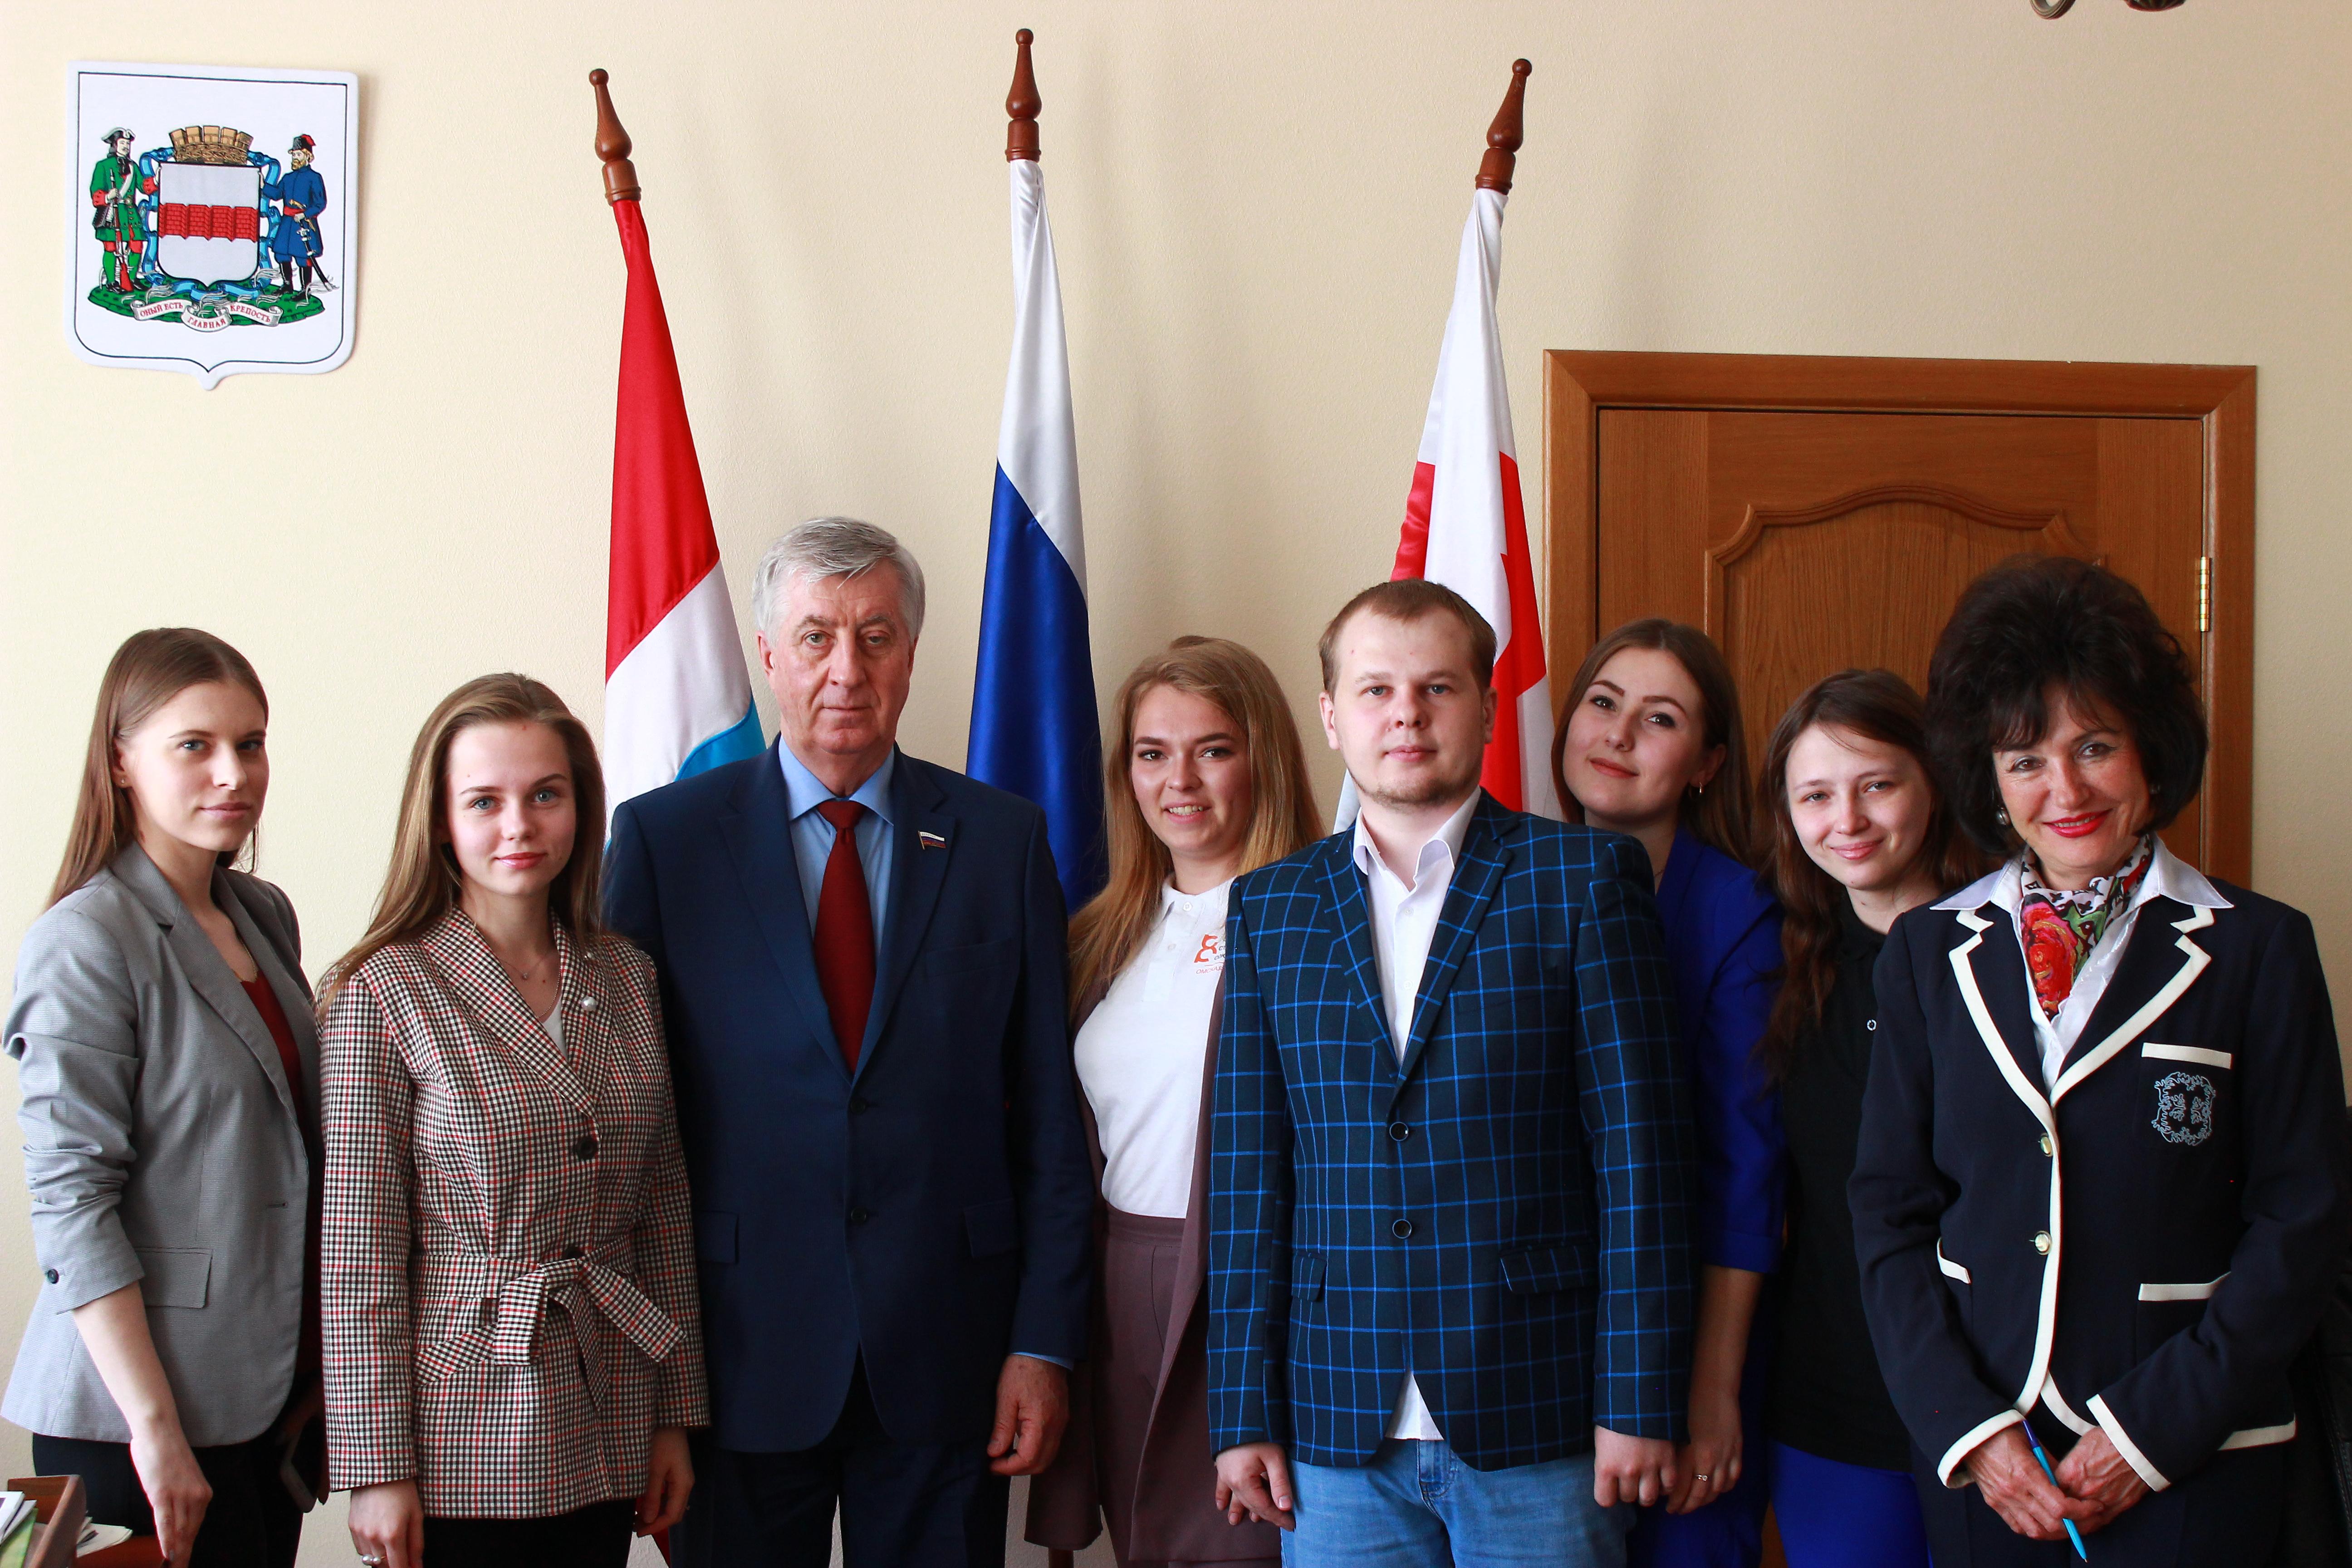 «Студенческие инициативы городу»: в Омске прошла встреча с Виктором Шрейдером